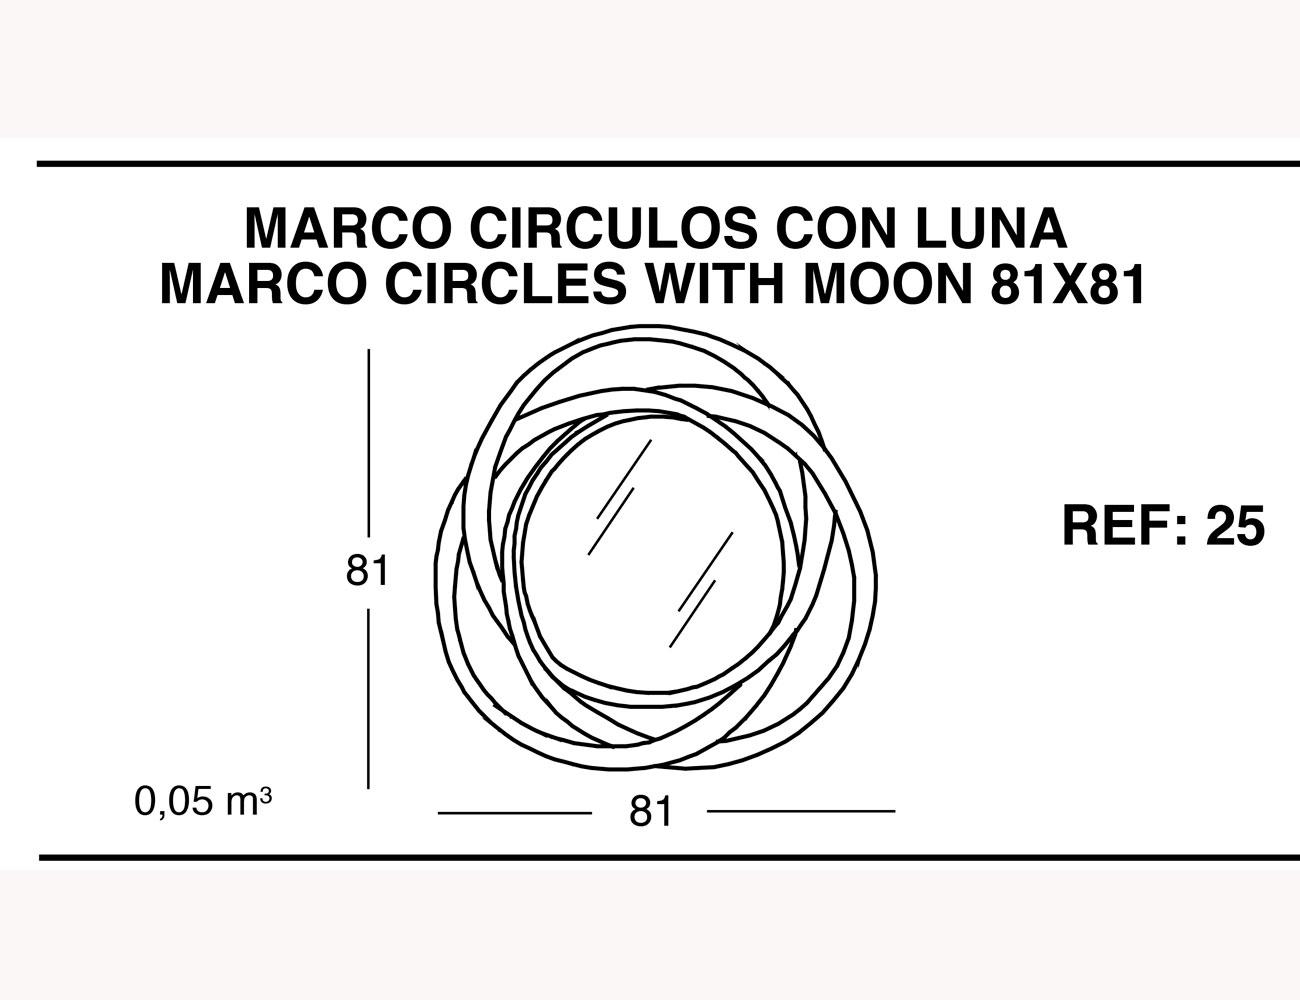 Marco circulos con luna